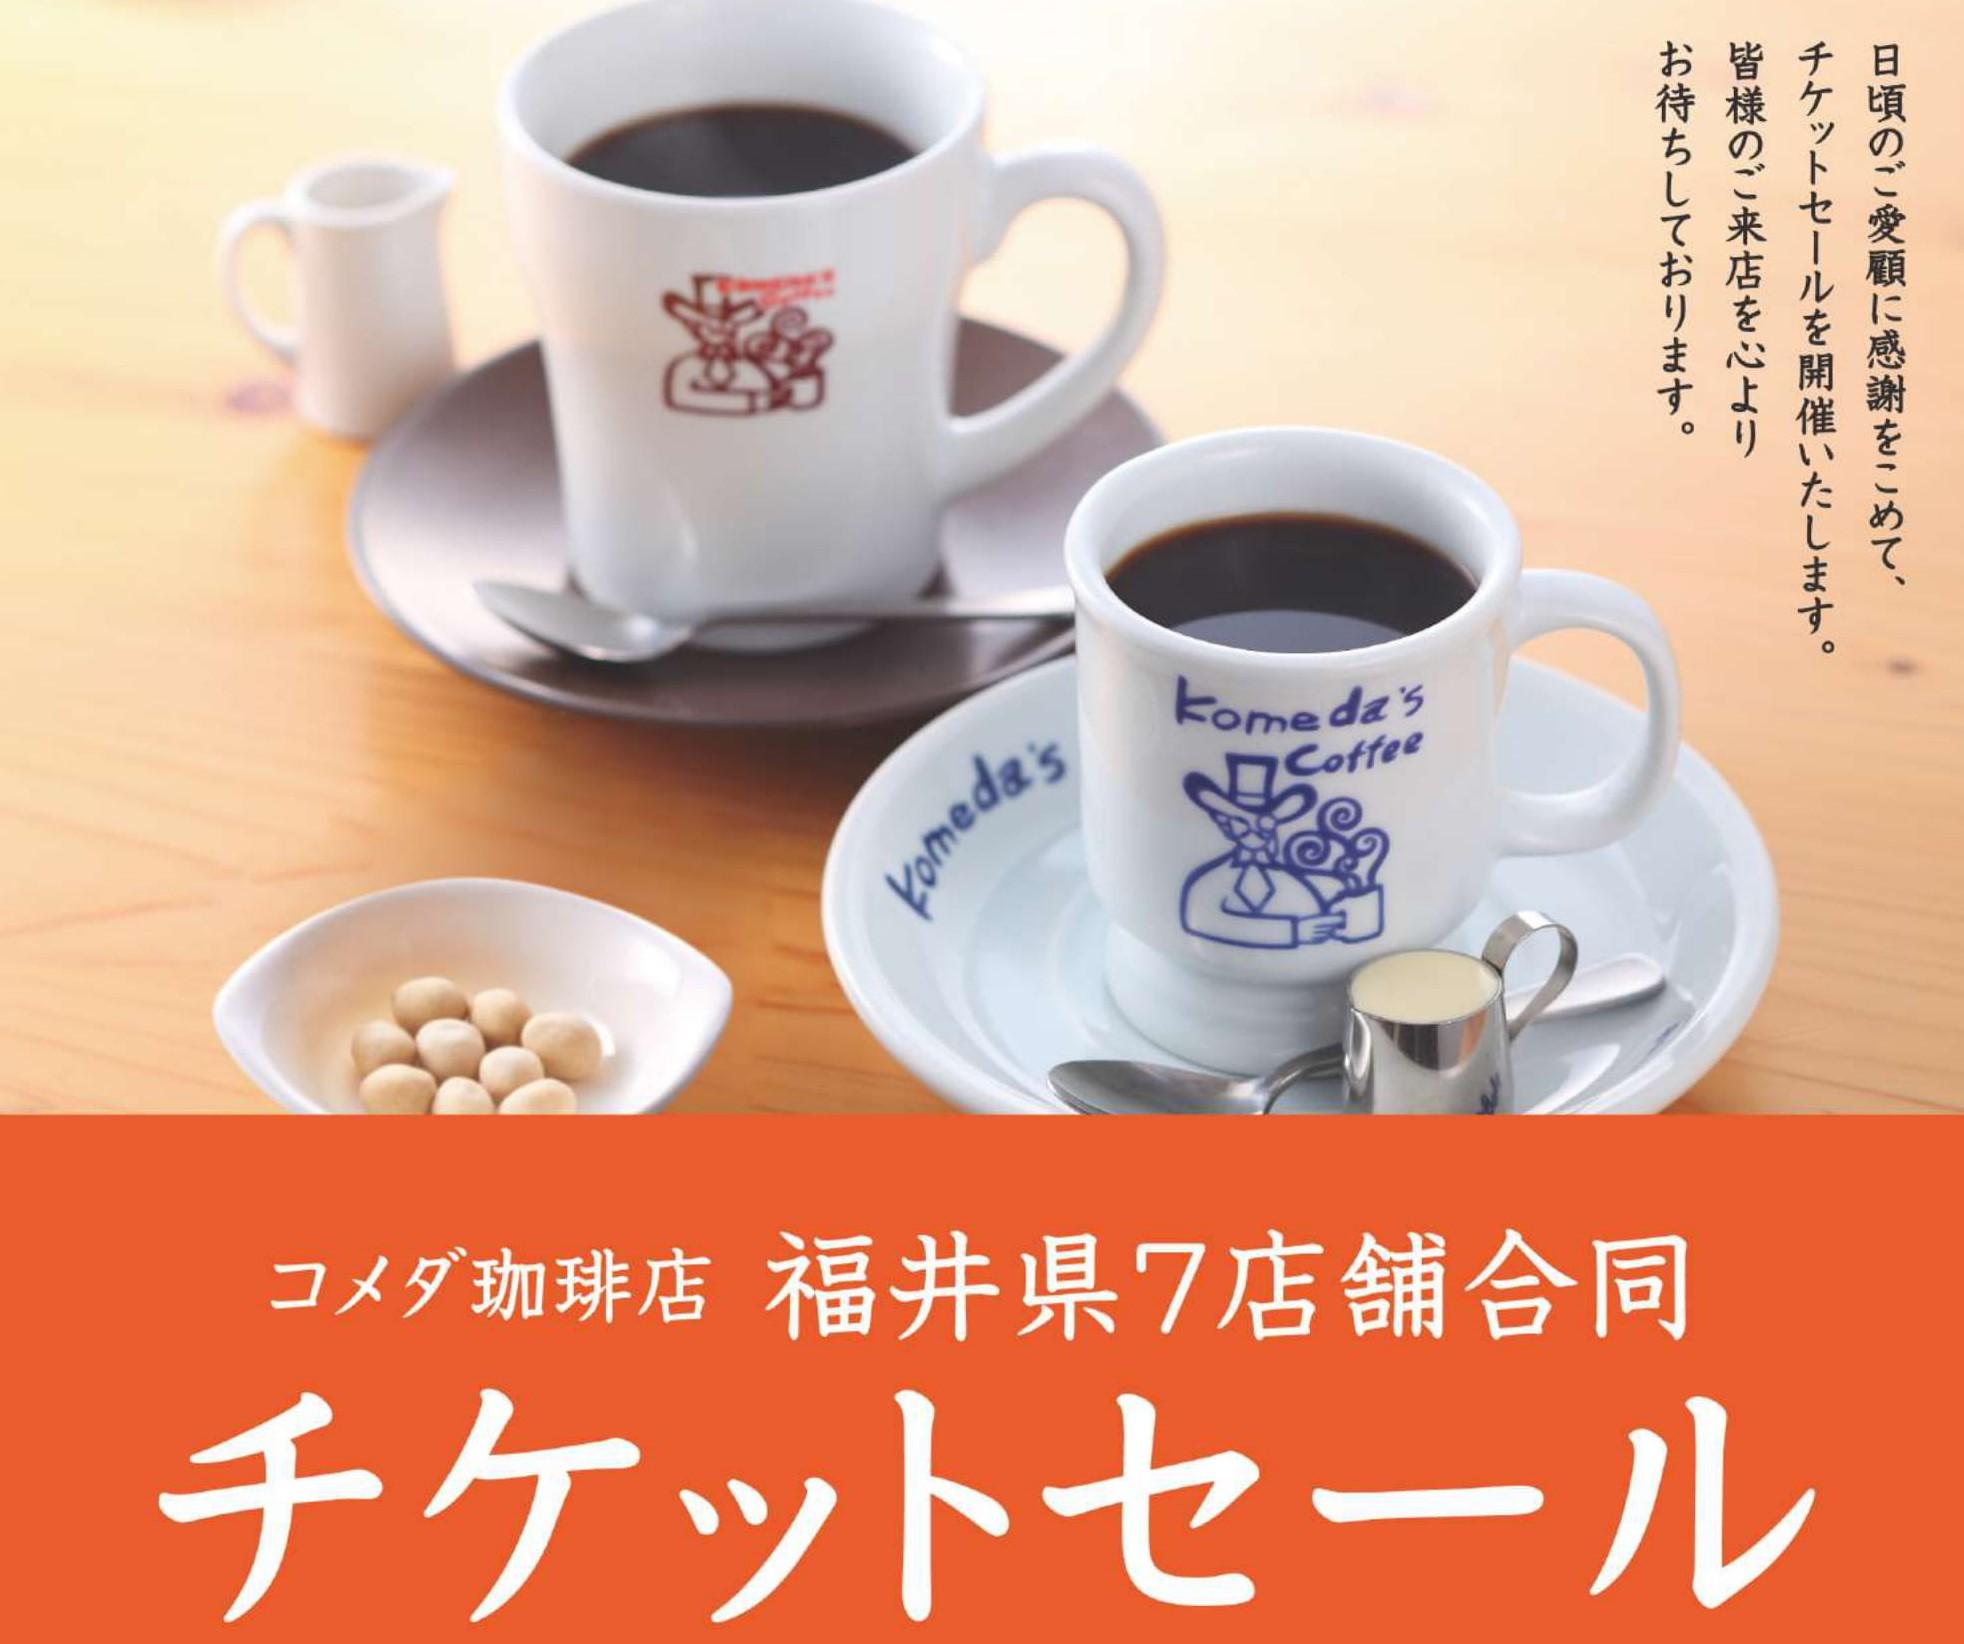 コーヒー コメダ